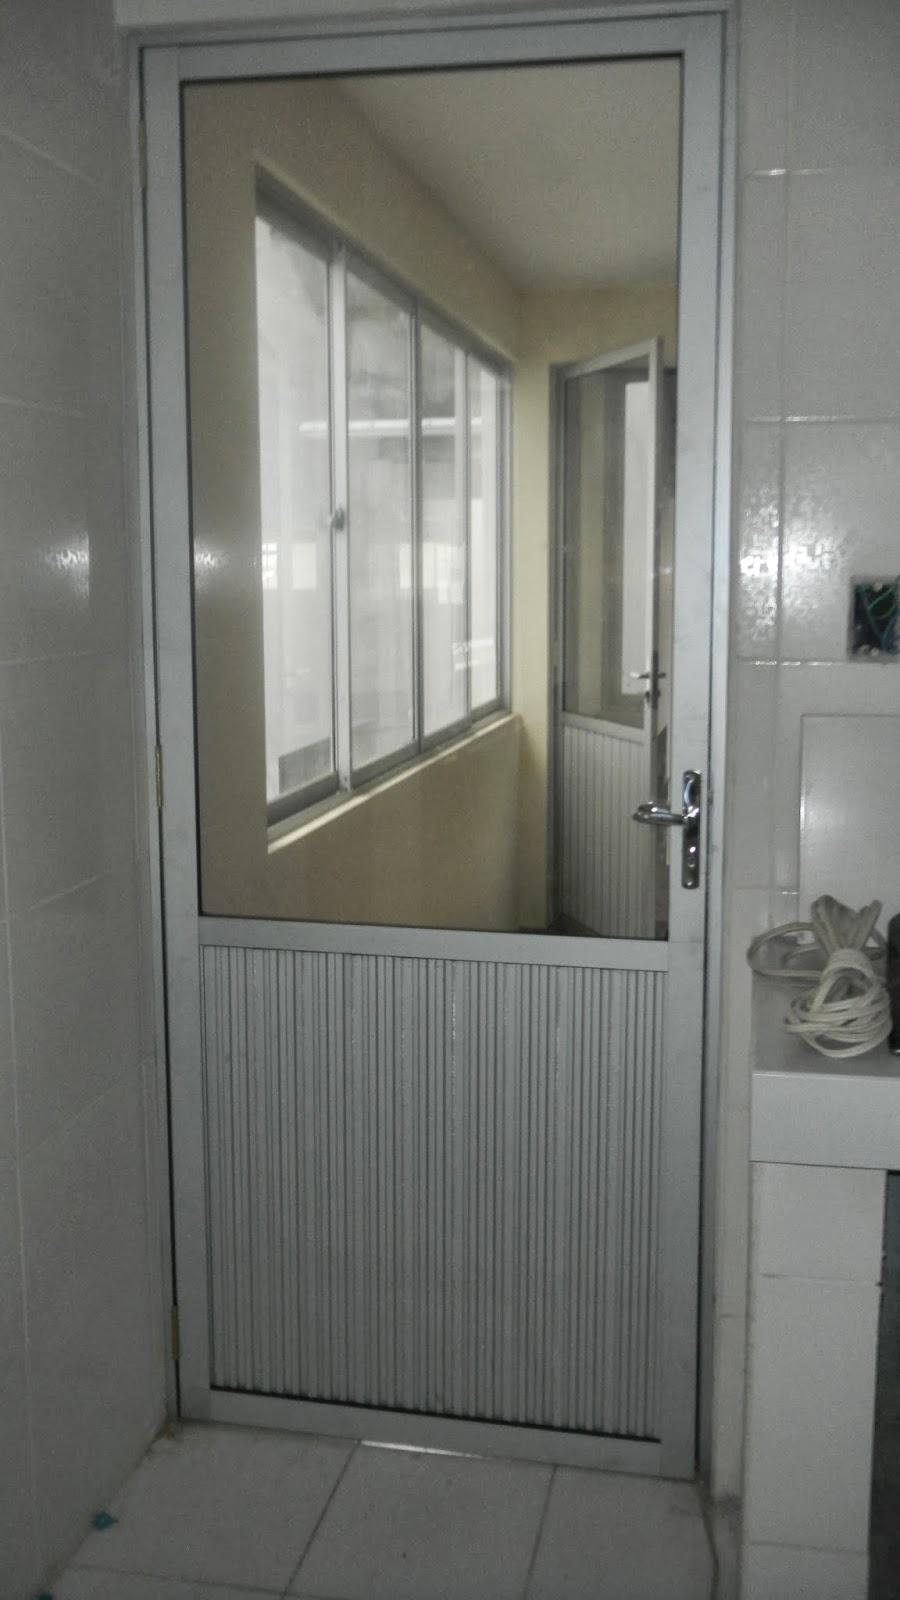 Puerta de aluminio vidrio incoloro alvitec - Puertas de vidrios ...